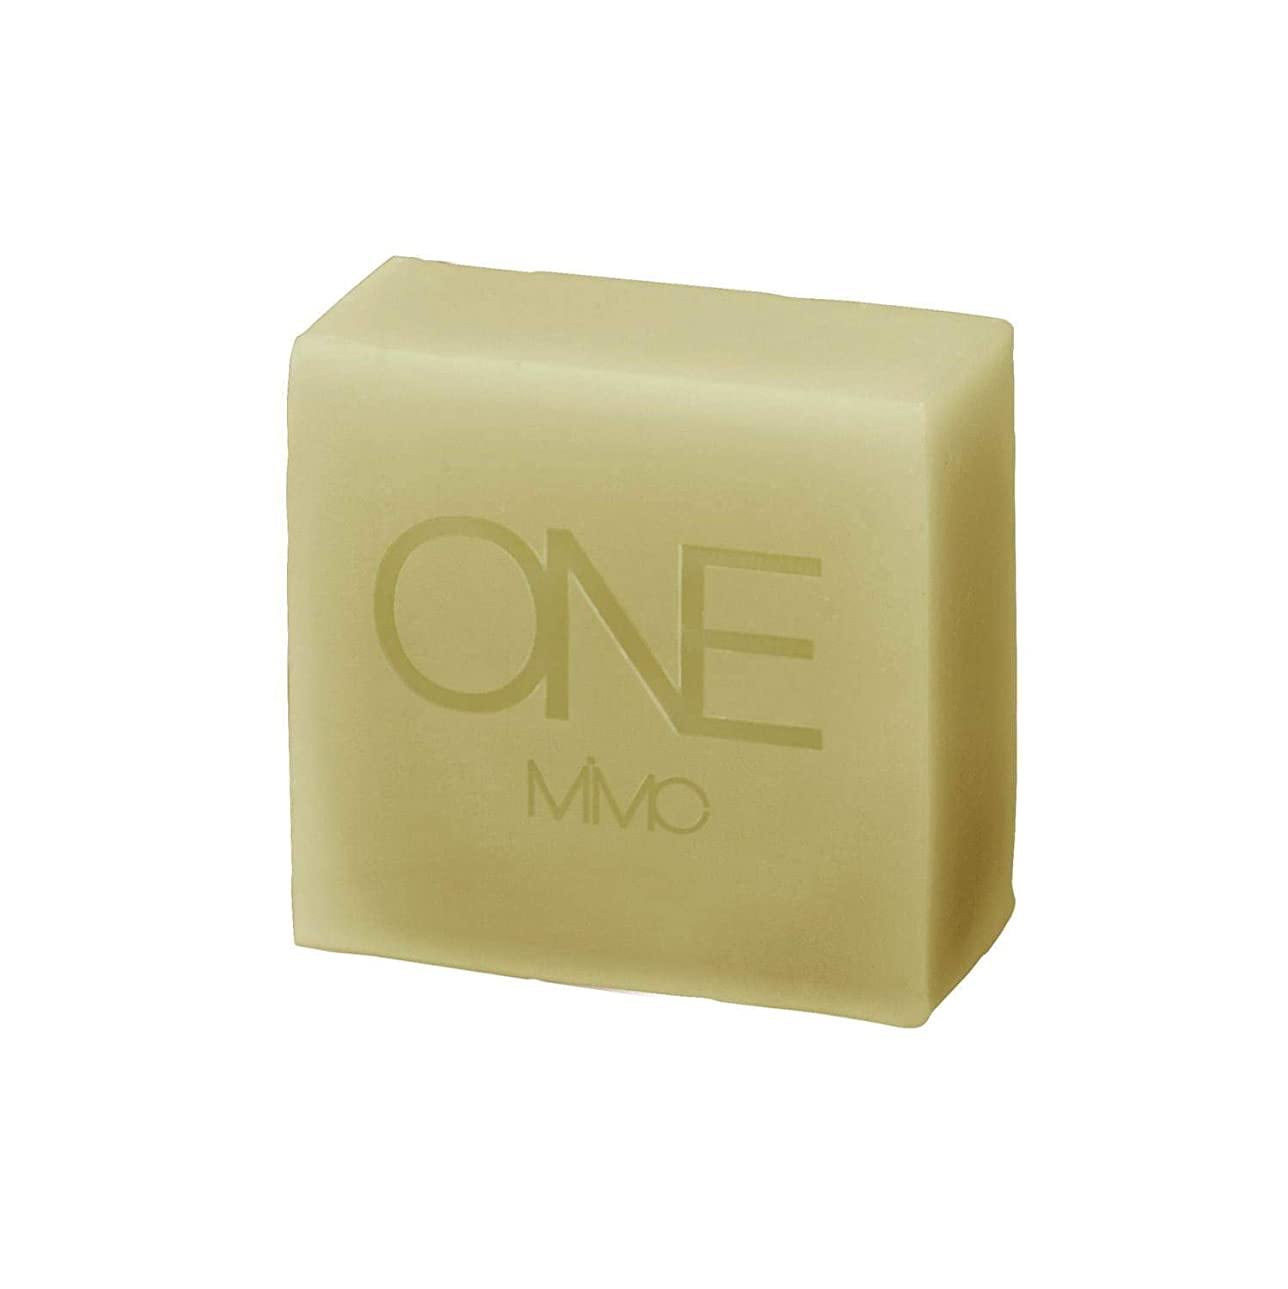 限りつま先満足できる【MiMC ONE(エムアイエムシー ワン)】ハーブプロテクトソープ フォーアウトドア/アブサンガード 85g